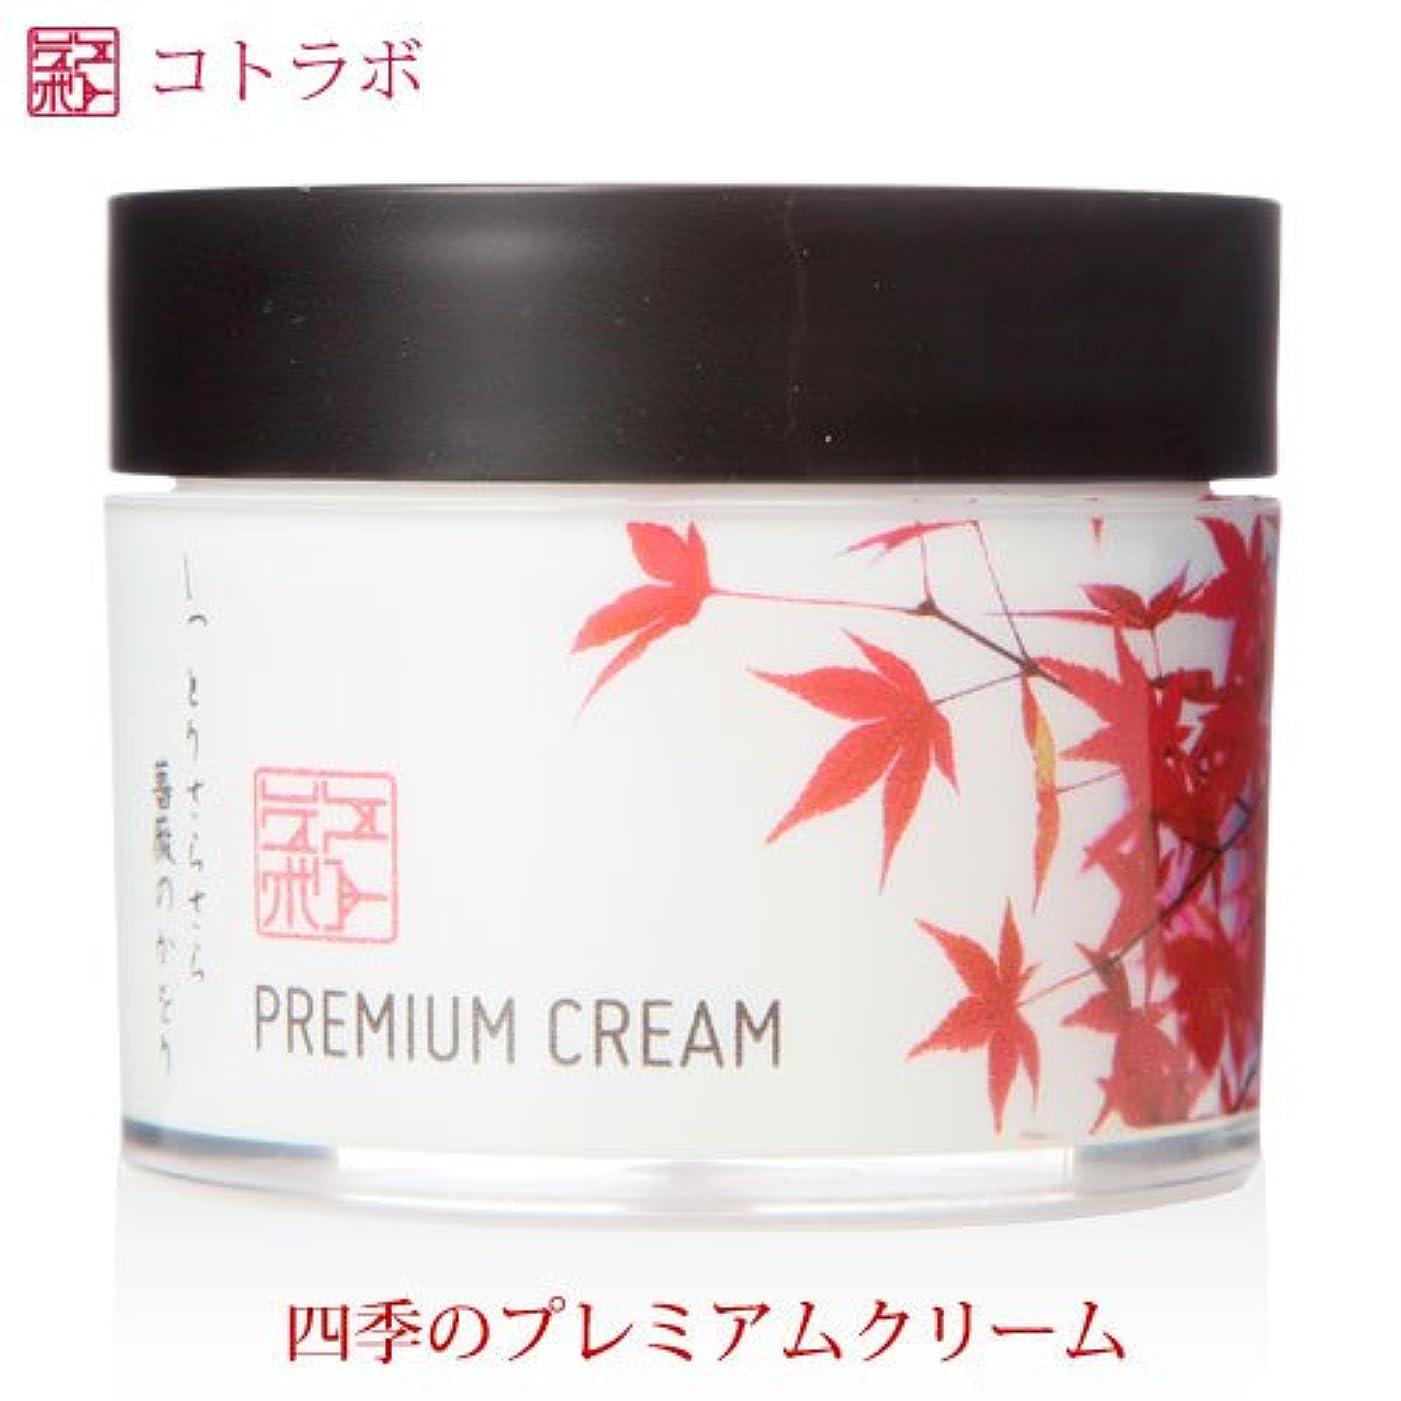 厄介な玉レーザコトラボ 四季のプレミアムクリーム秋薔薇の香り50g